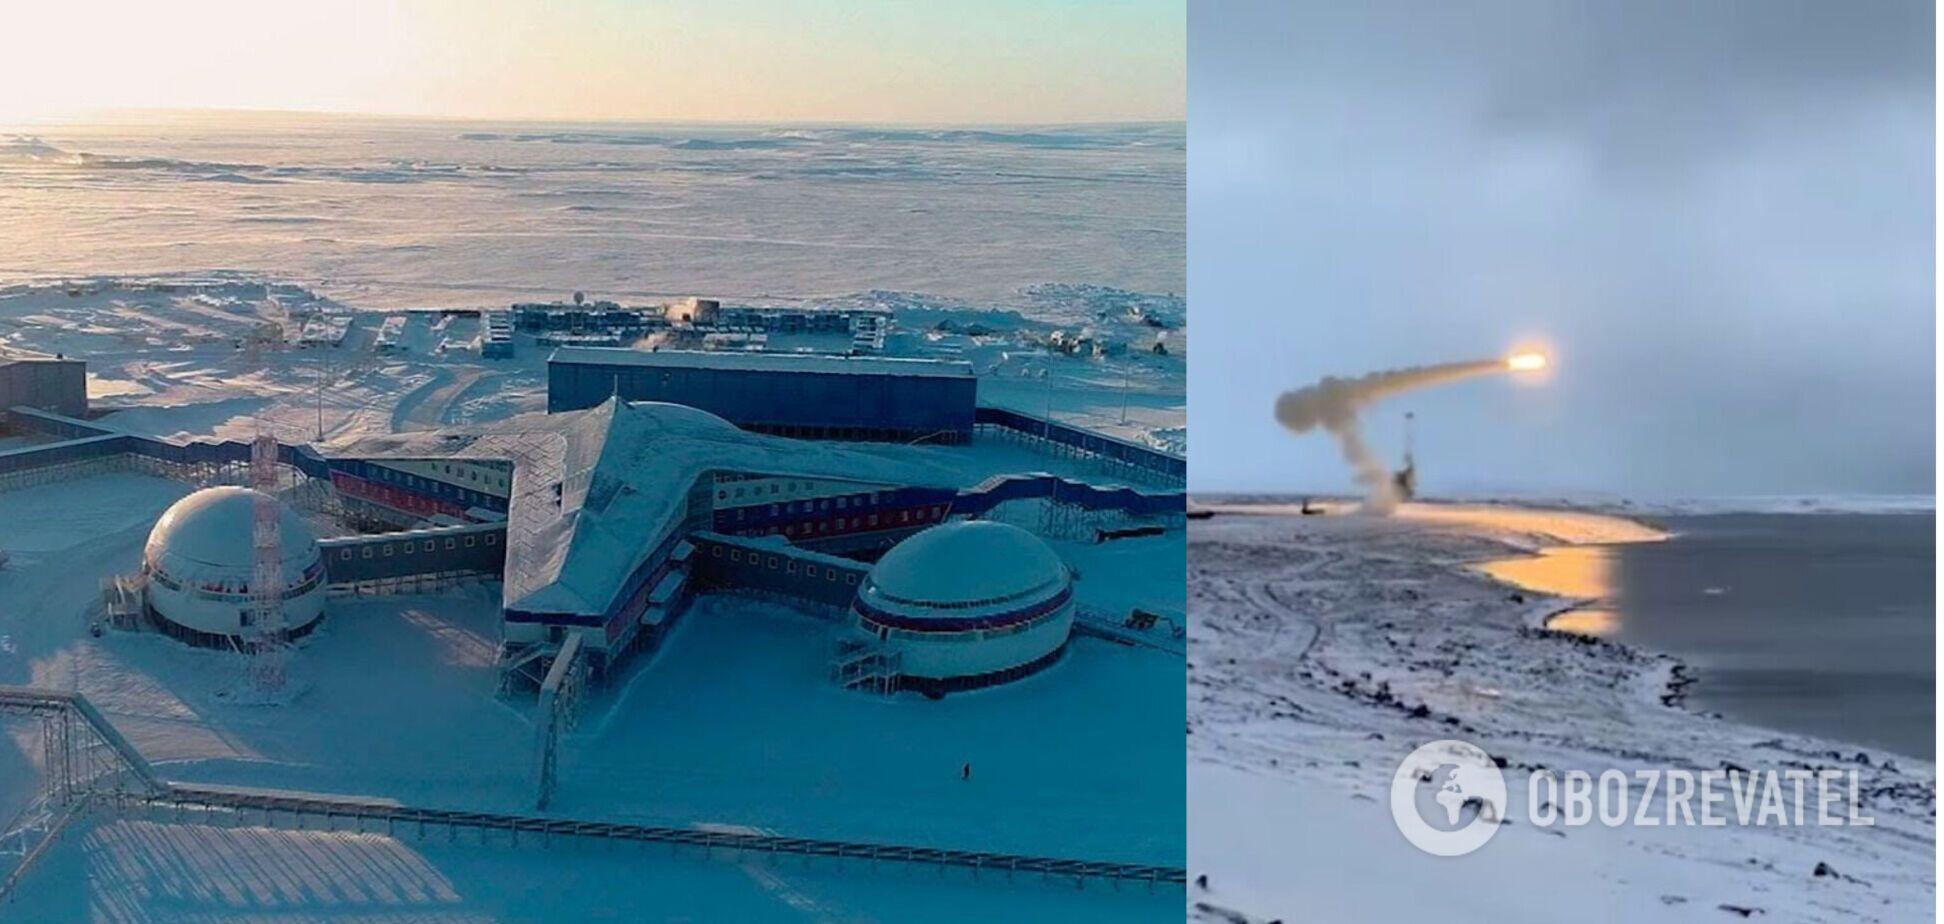 CNN: Россия наращивает присутствие в Арктике и испытывает 'супероружие'. Фото и видео